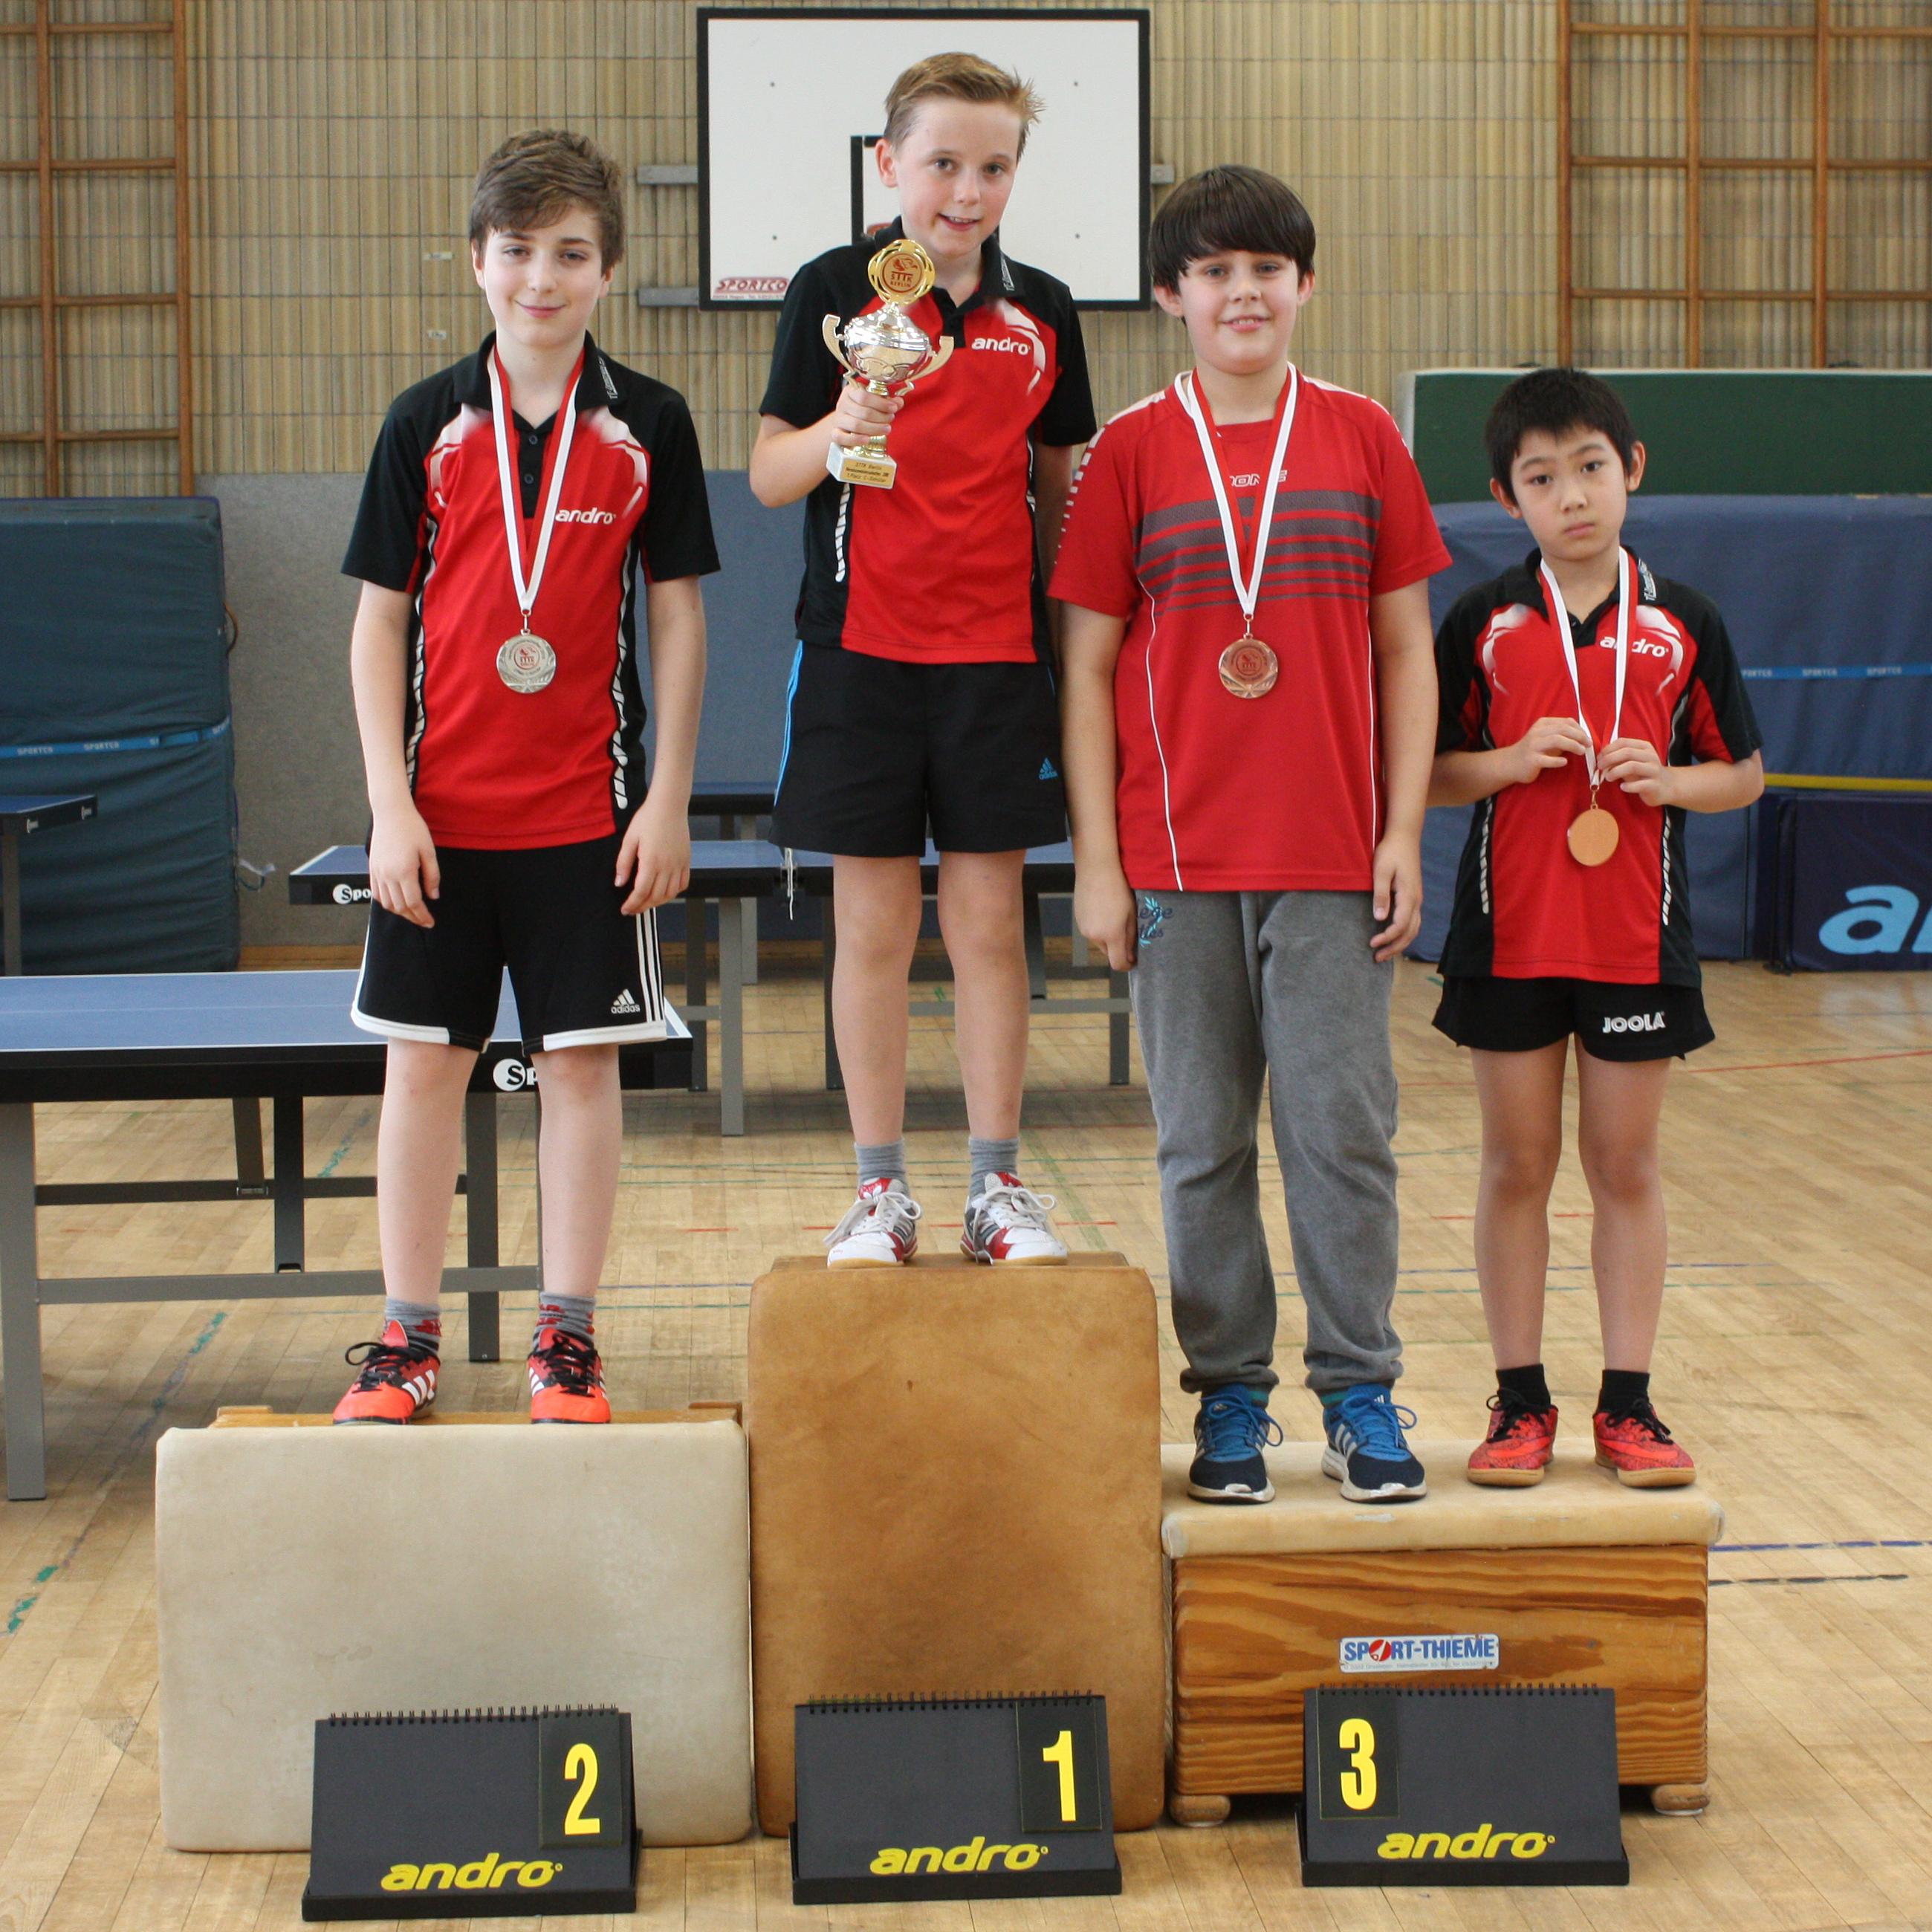 Siegerehrung C-Schüler: 1. Platz: Michel, 2. Platz: Timo, 3. Plätze: Fabian, Jiayu